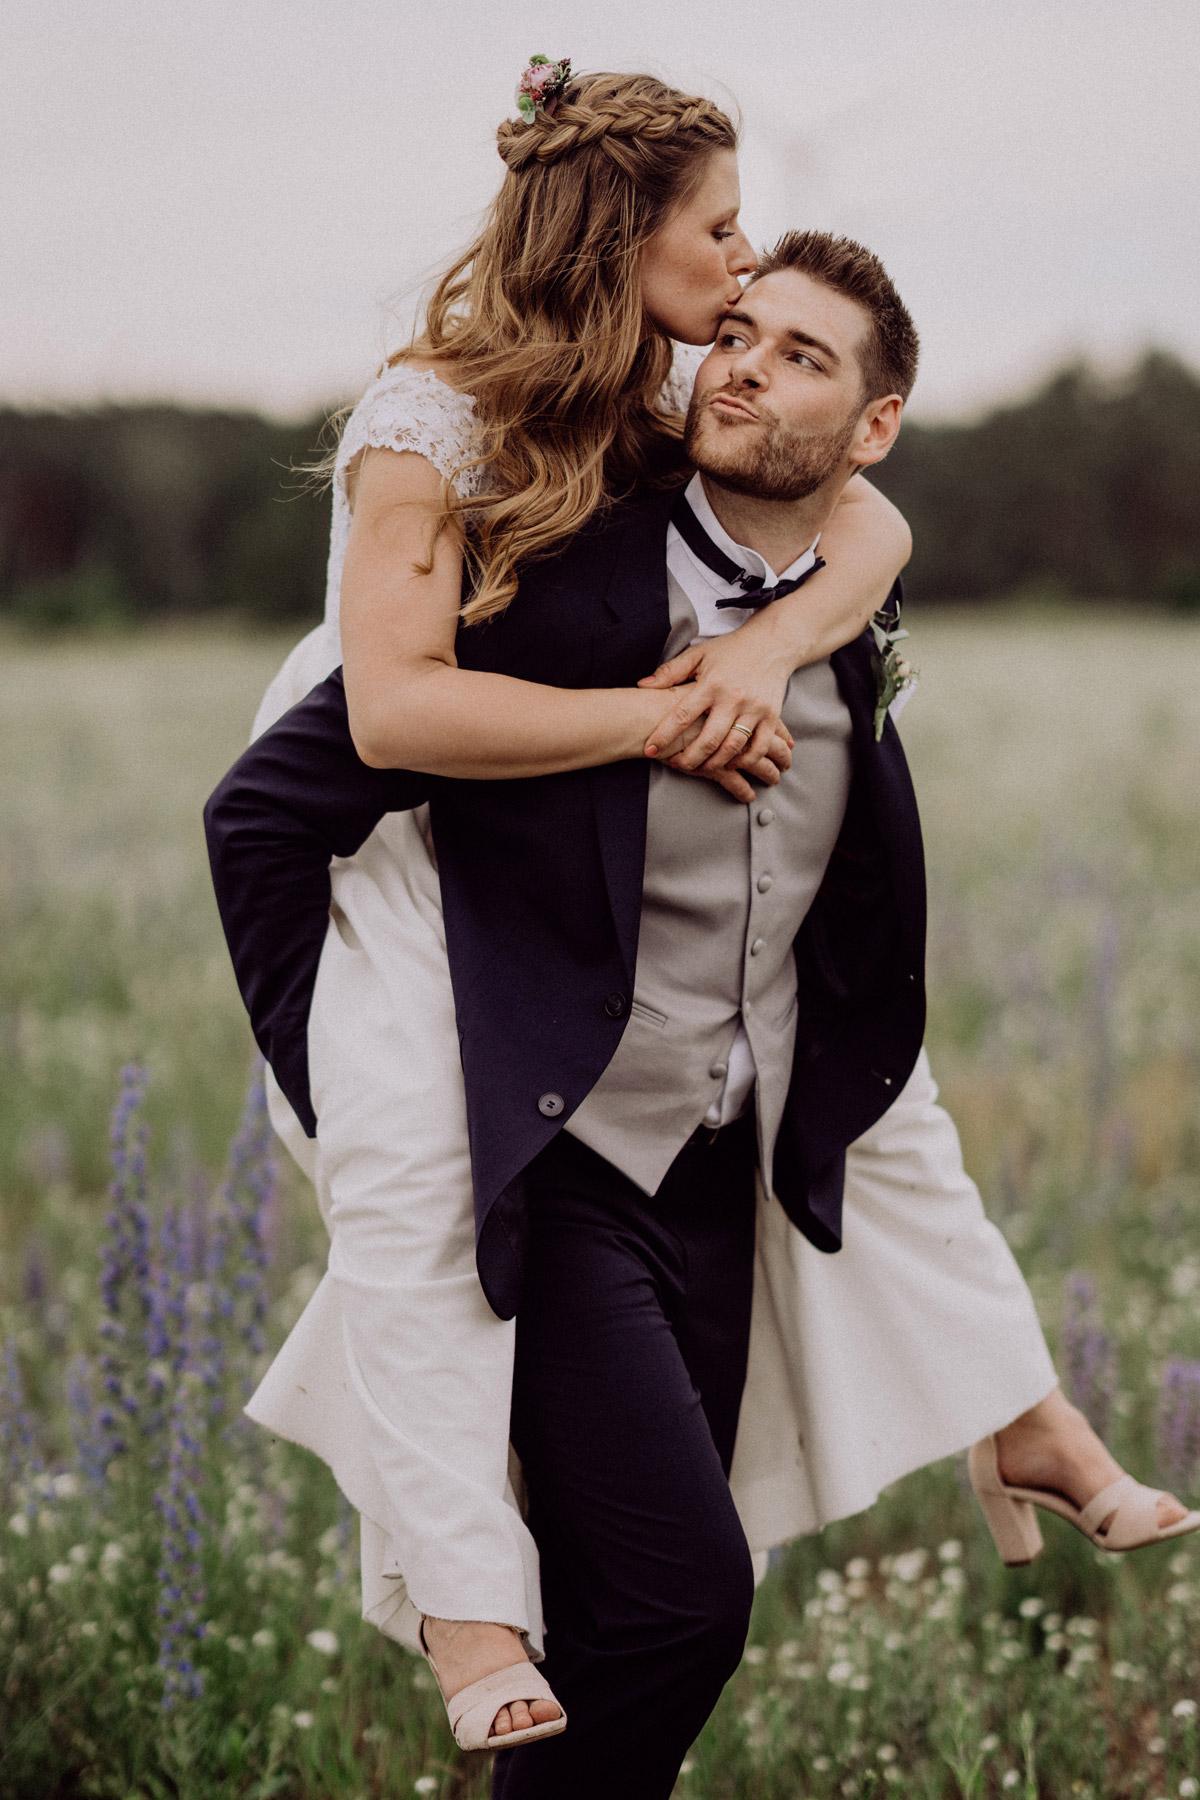 Hochzeit Paarshooting Natur Bräutigam trägt Braut auf Blumenwiese und sie versuchen sich zu küssen